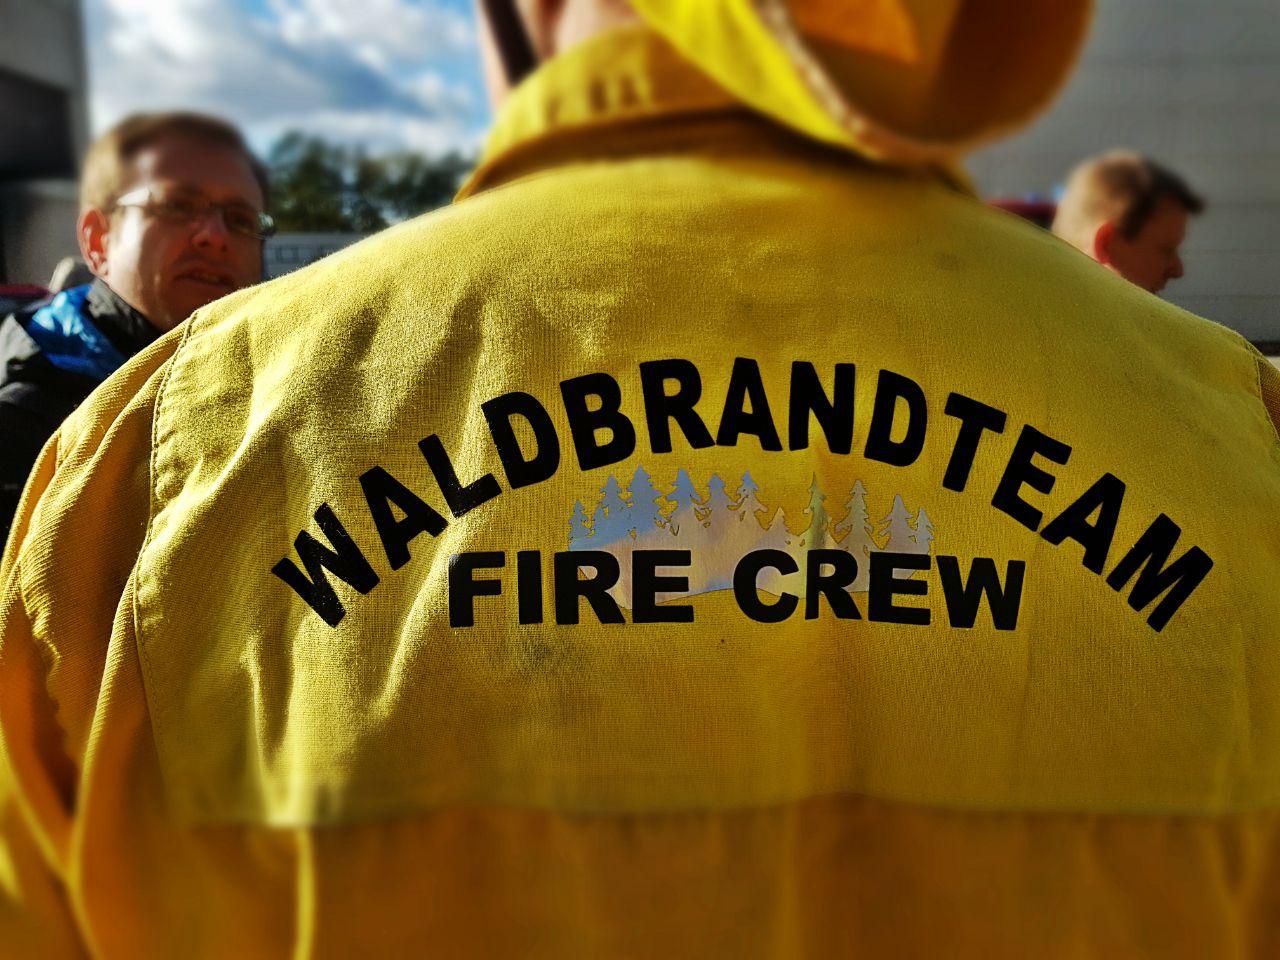 Waldbrandteam-Shirt